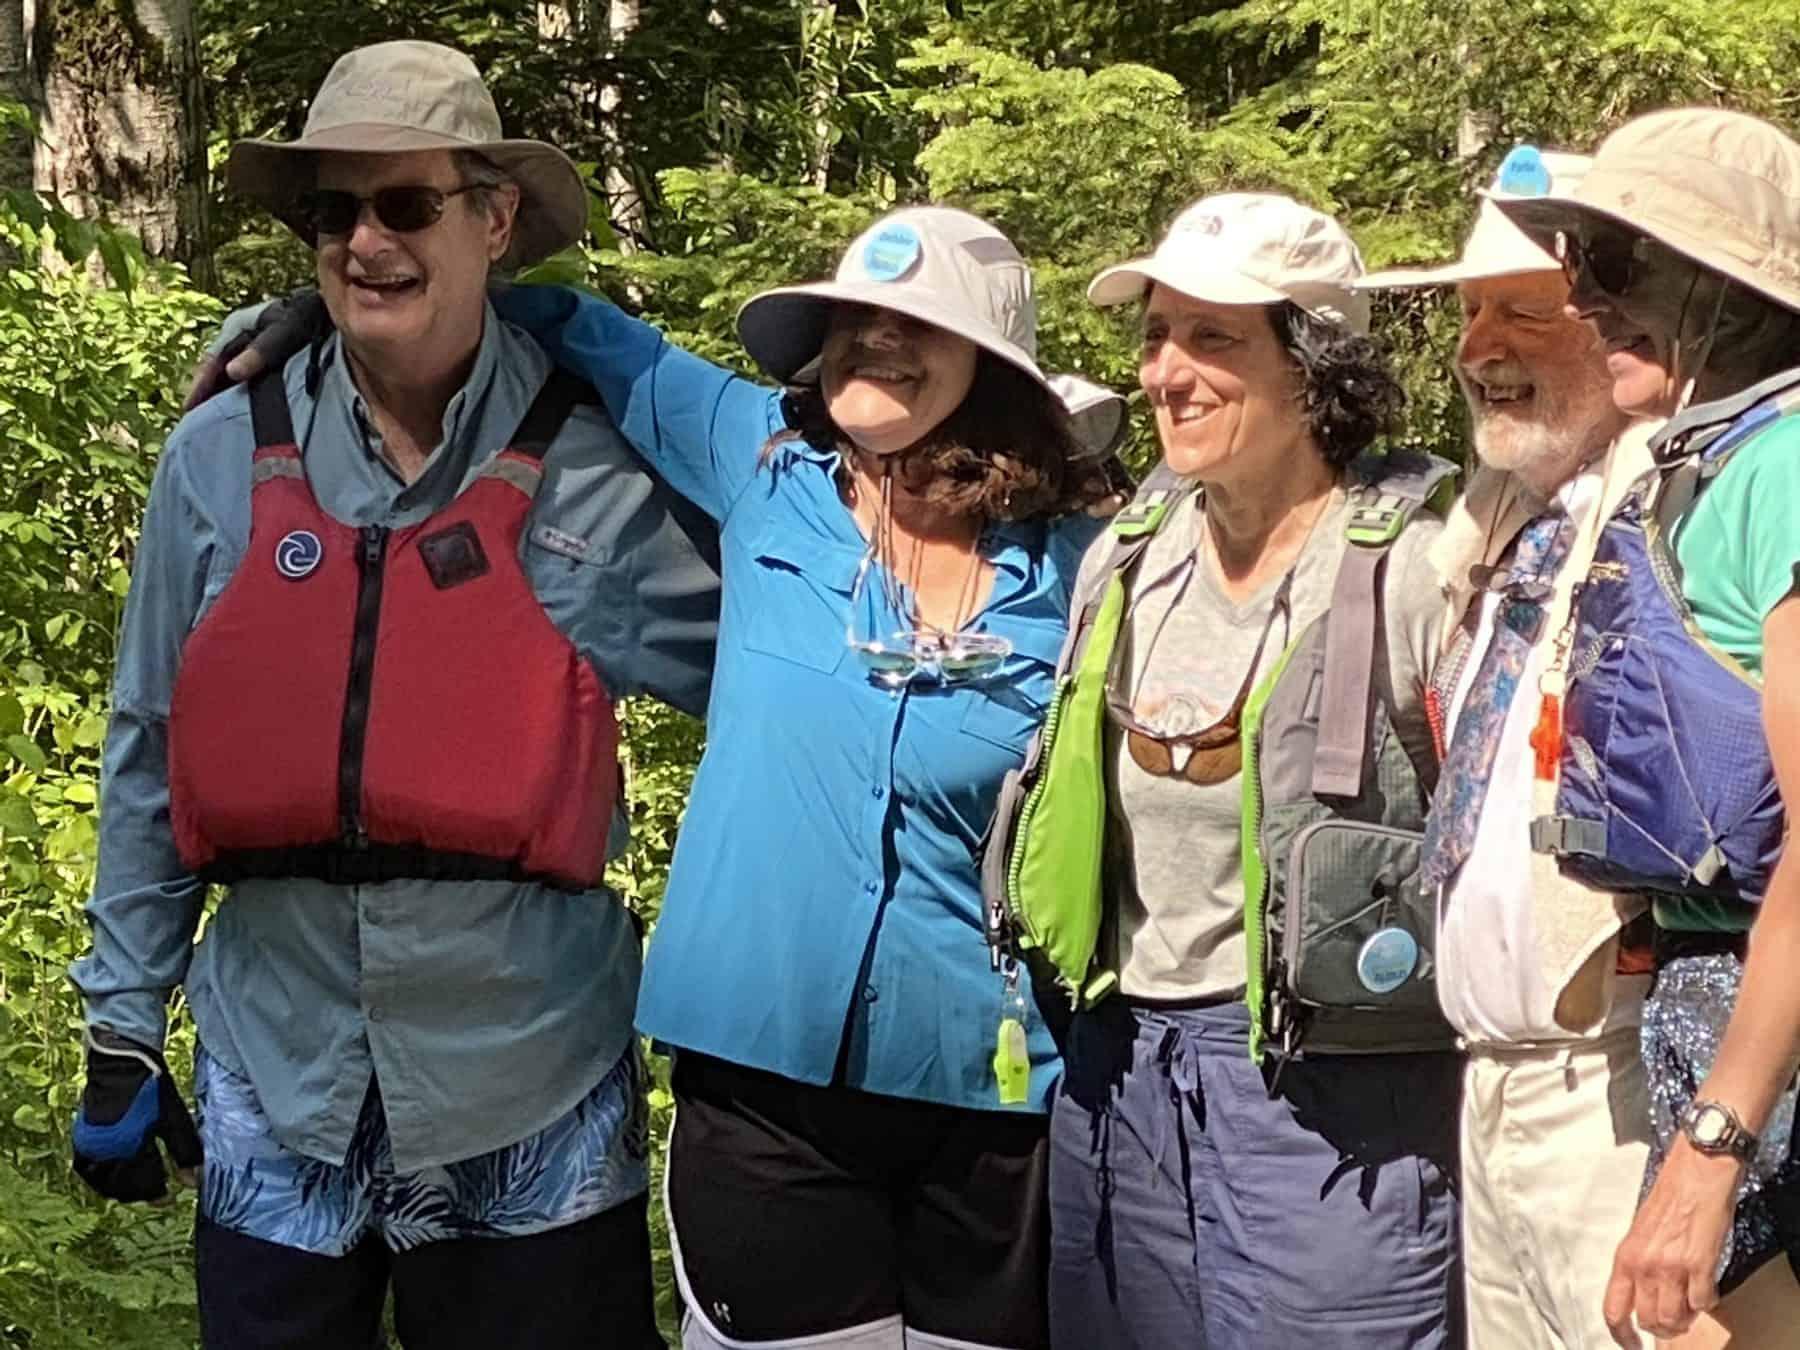 Photo: SCRA Paddle Participant